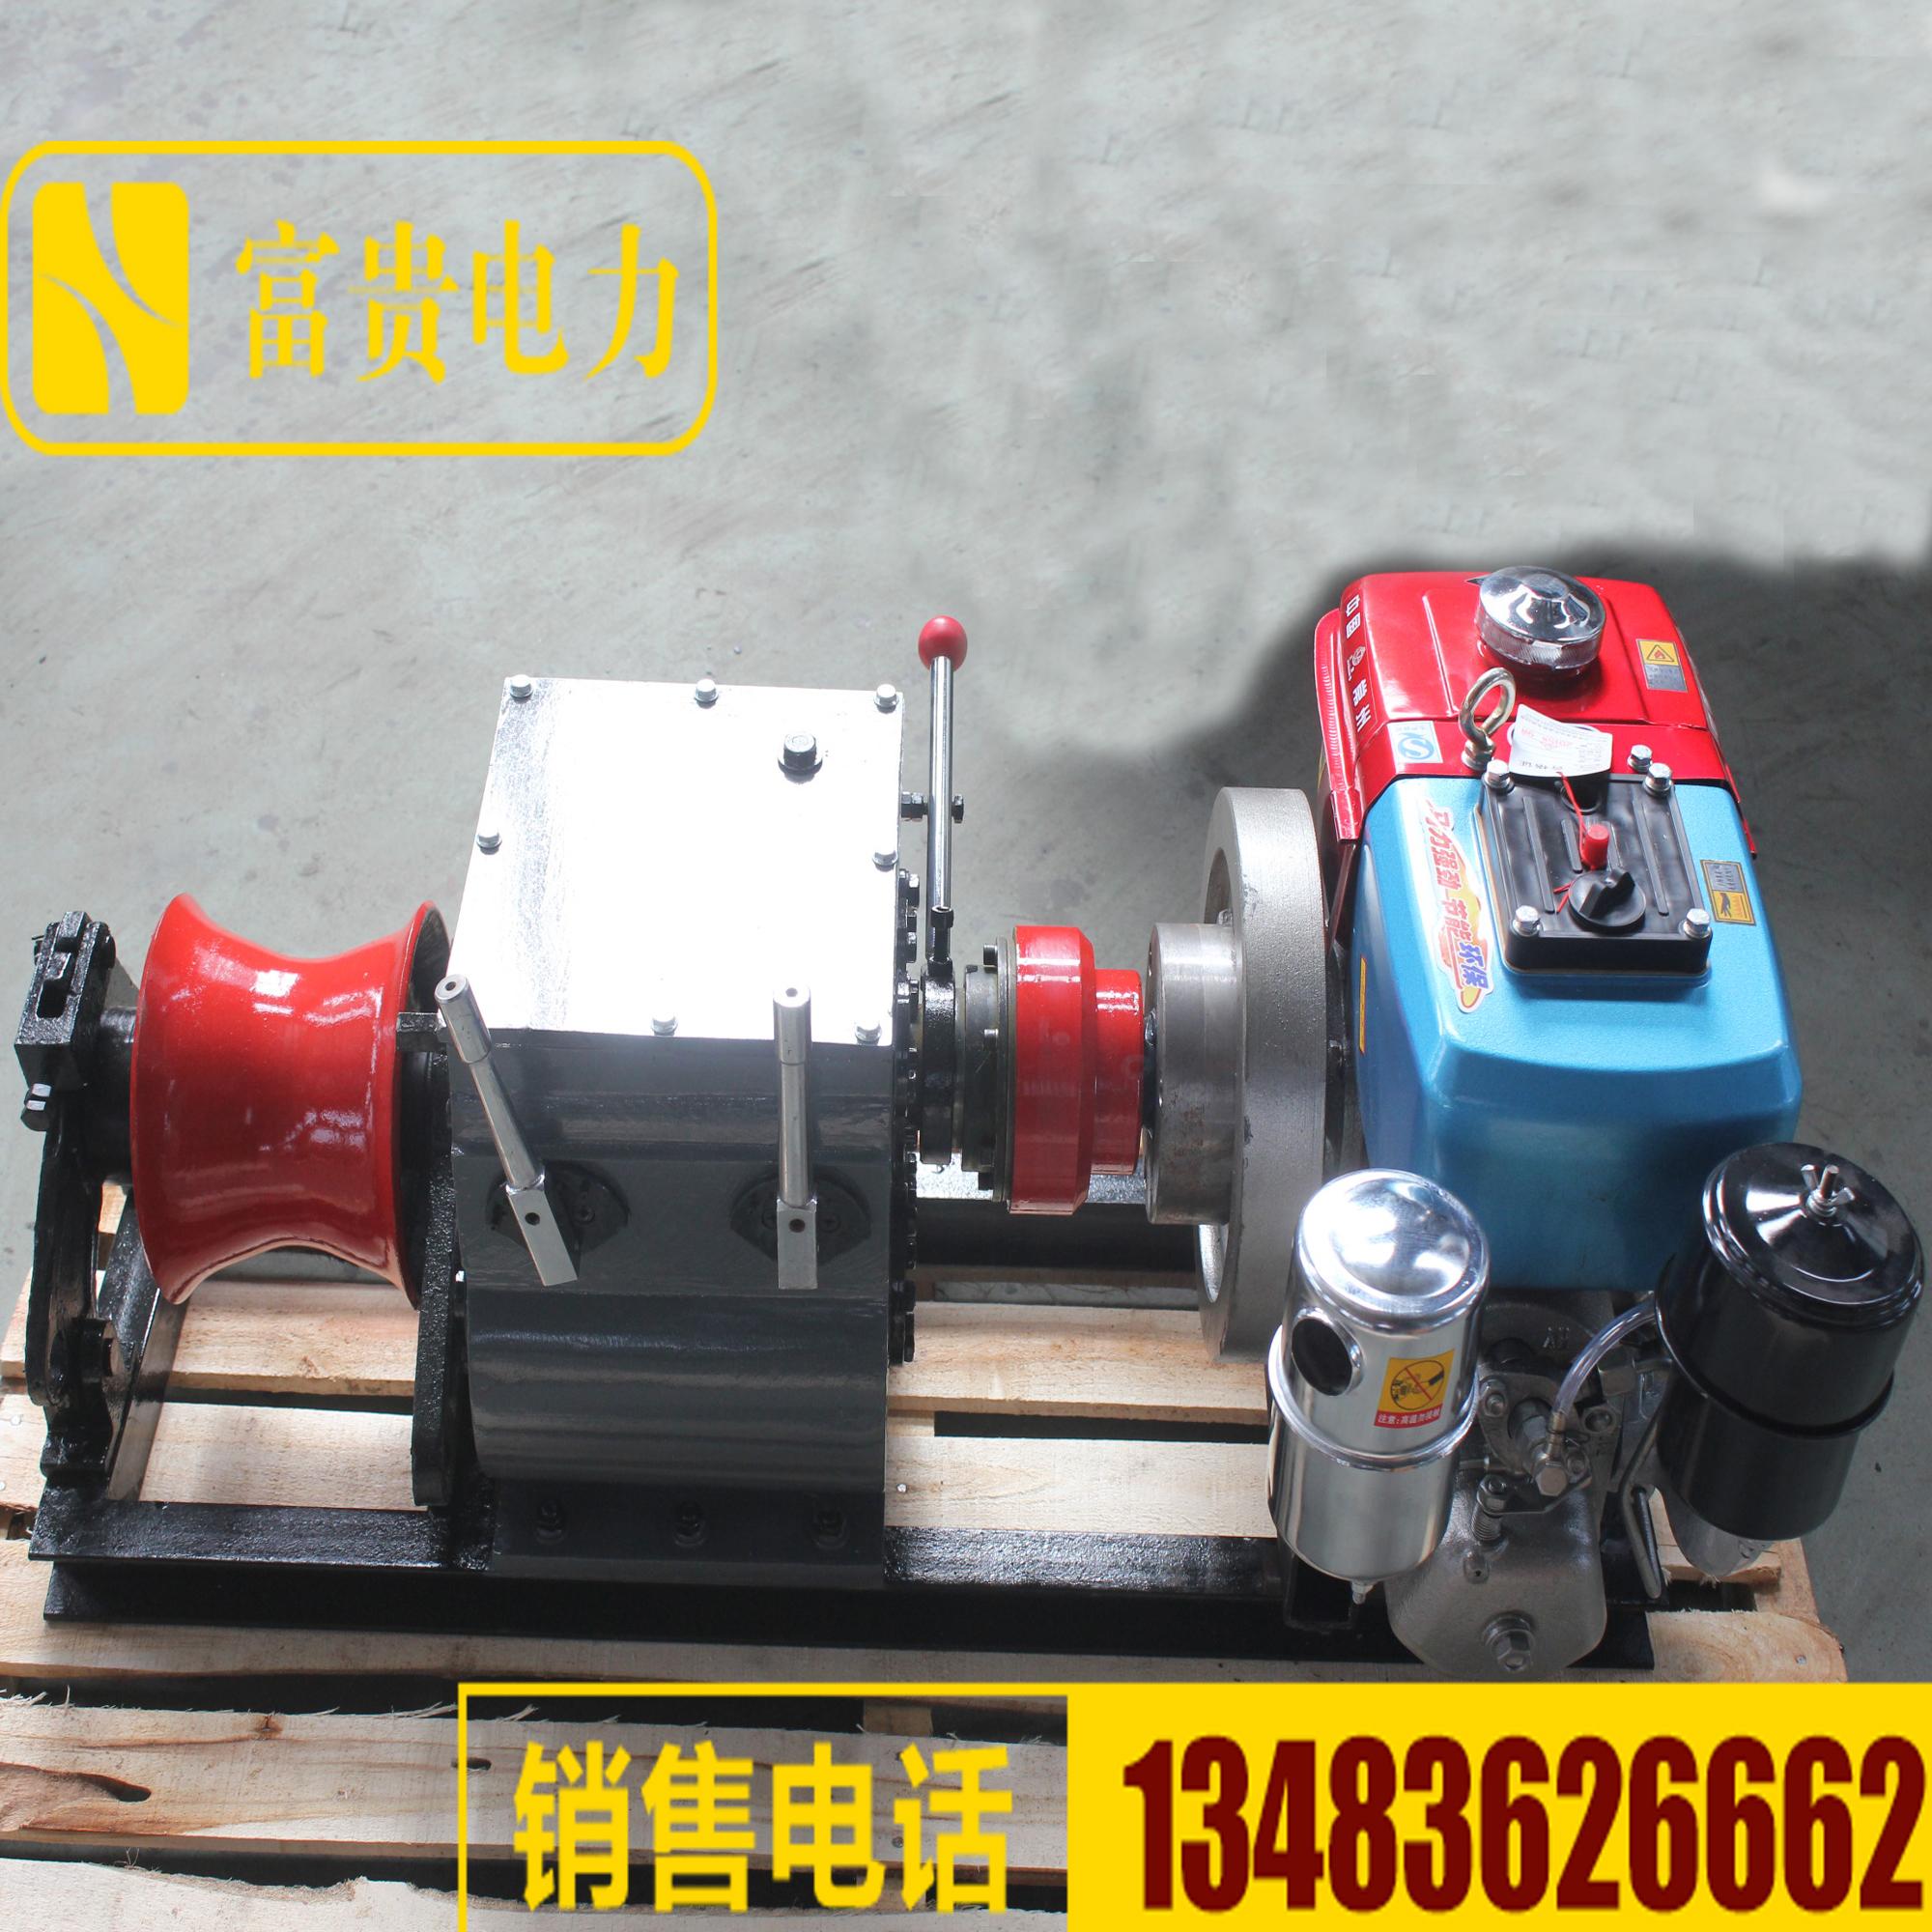 水冷手搖軸傳動絞磨機 機動絞磨3T5T 牽引器 絞磨機 卷揚機